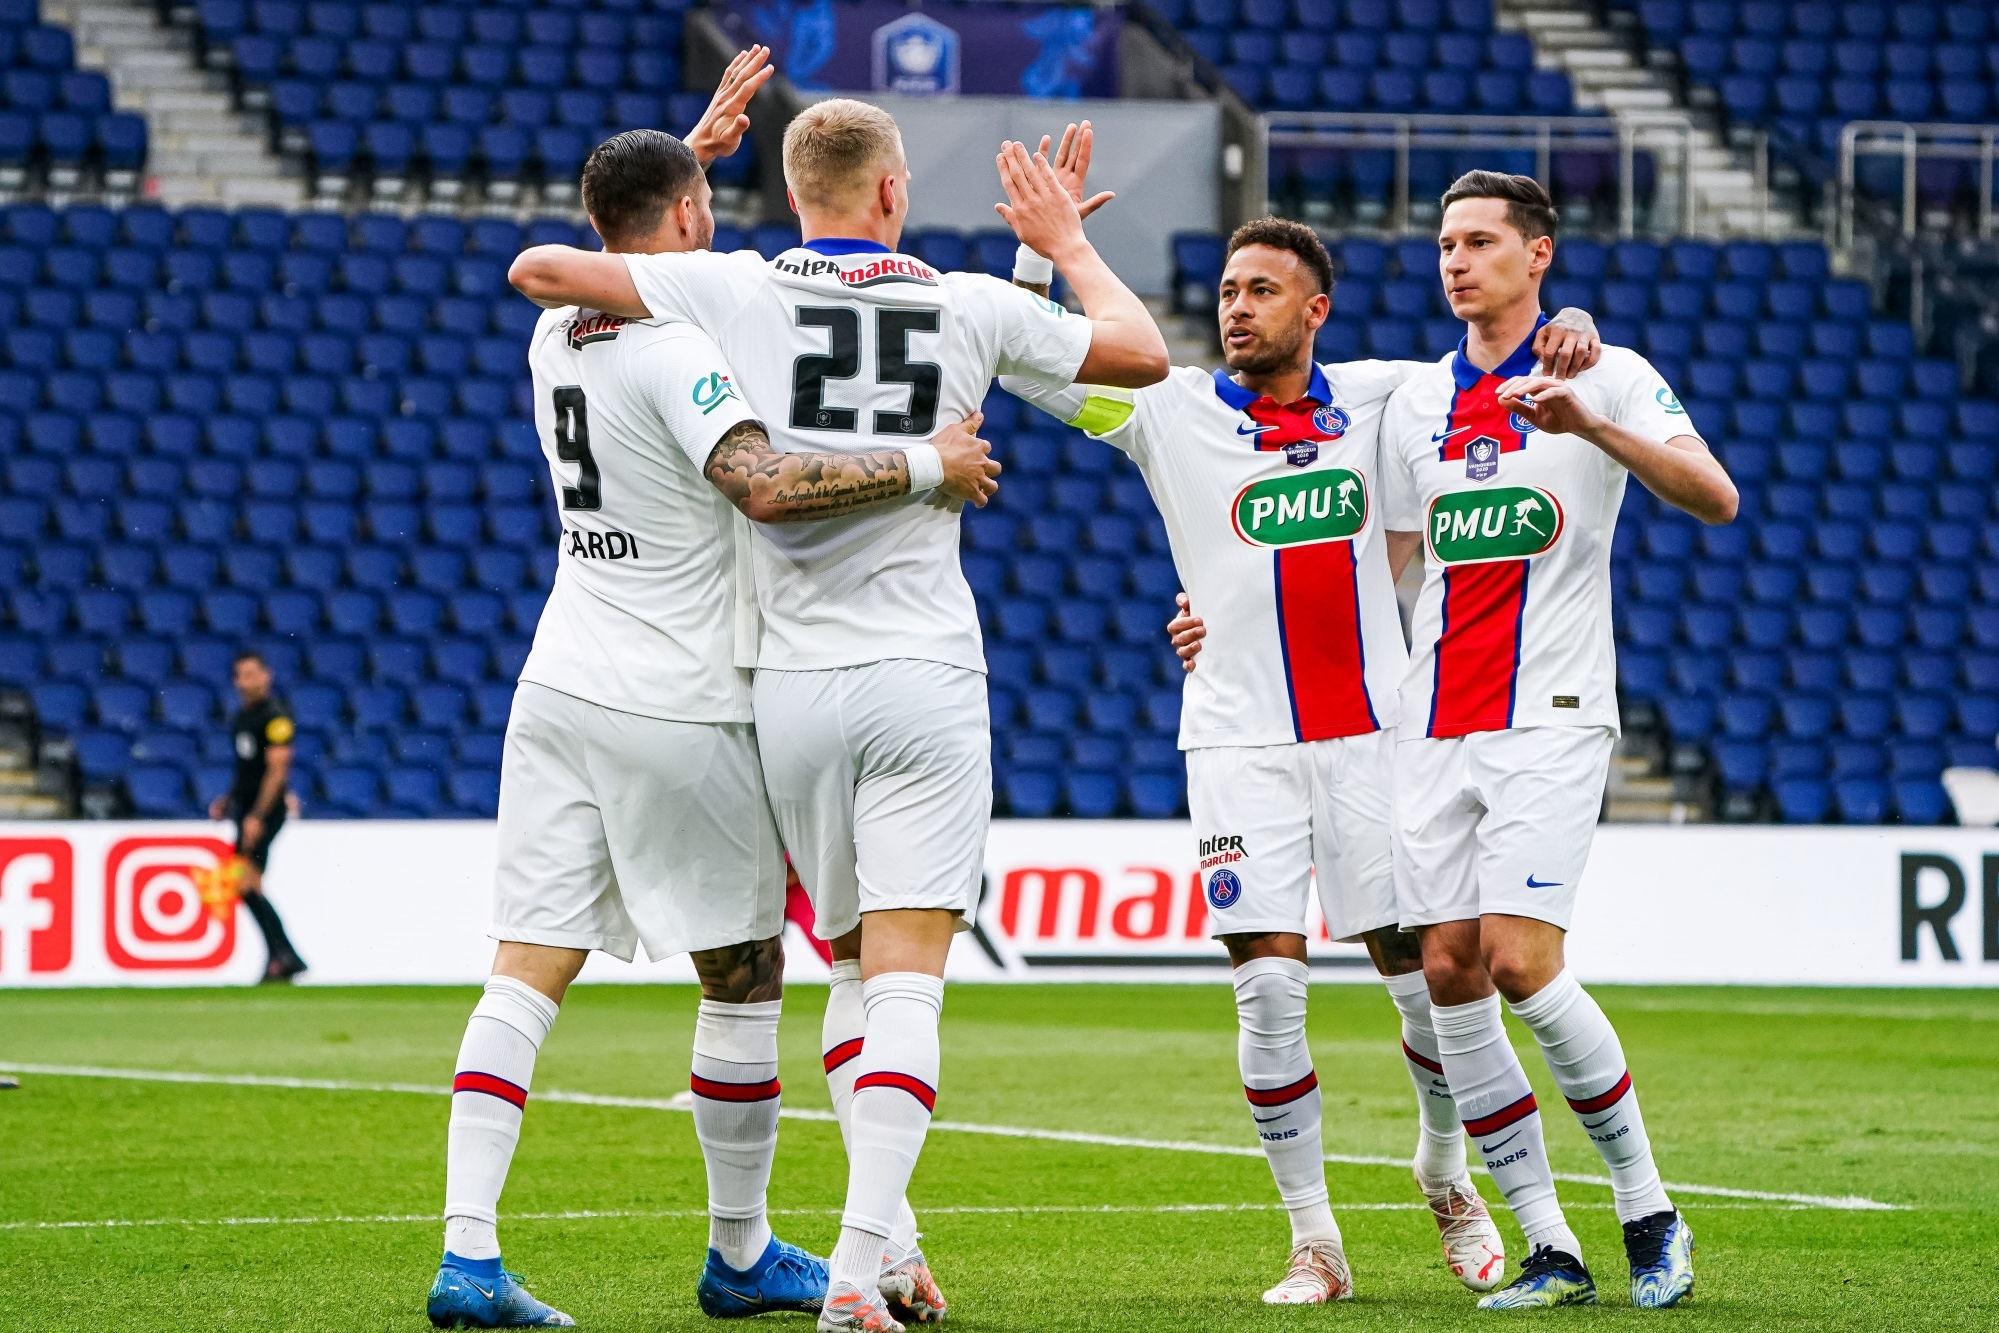 """PSG/Angers - Icardi savoure la victoire et son retour en forme """"J'espère pouvoir continuer"""""""